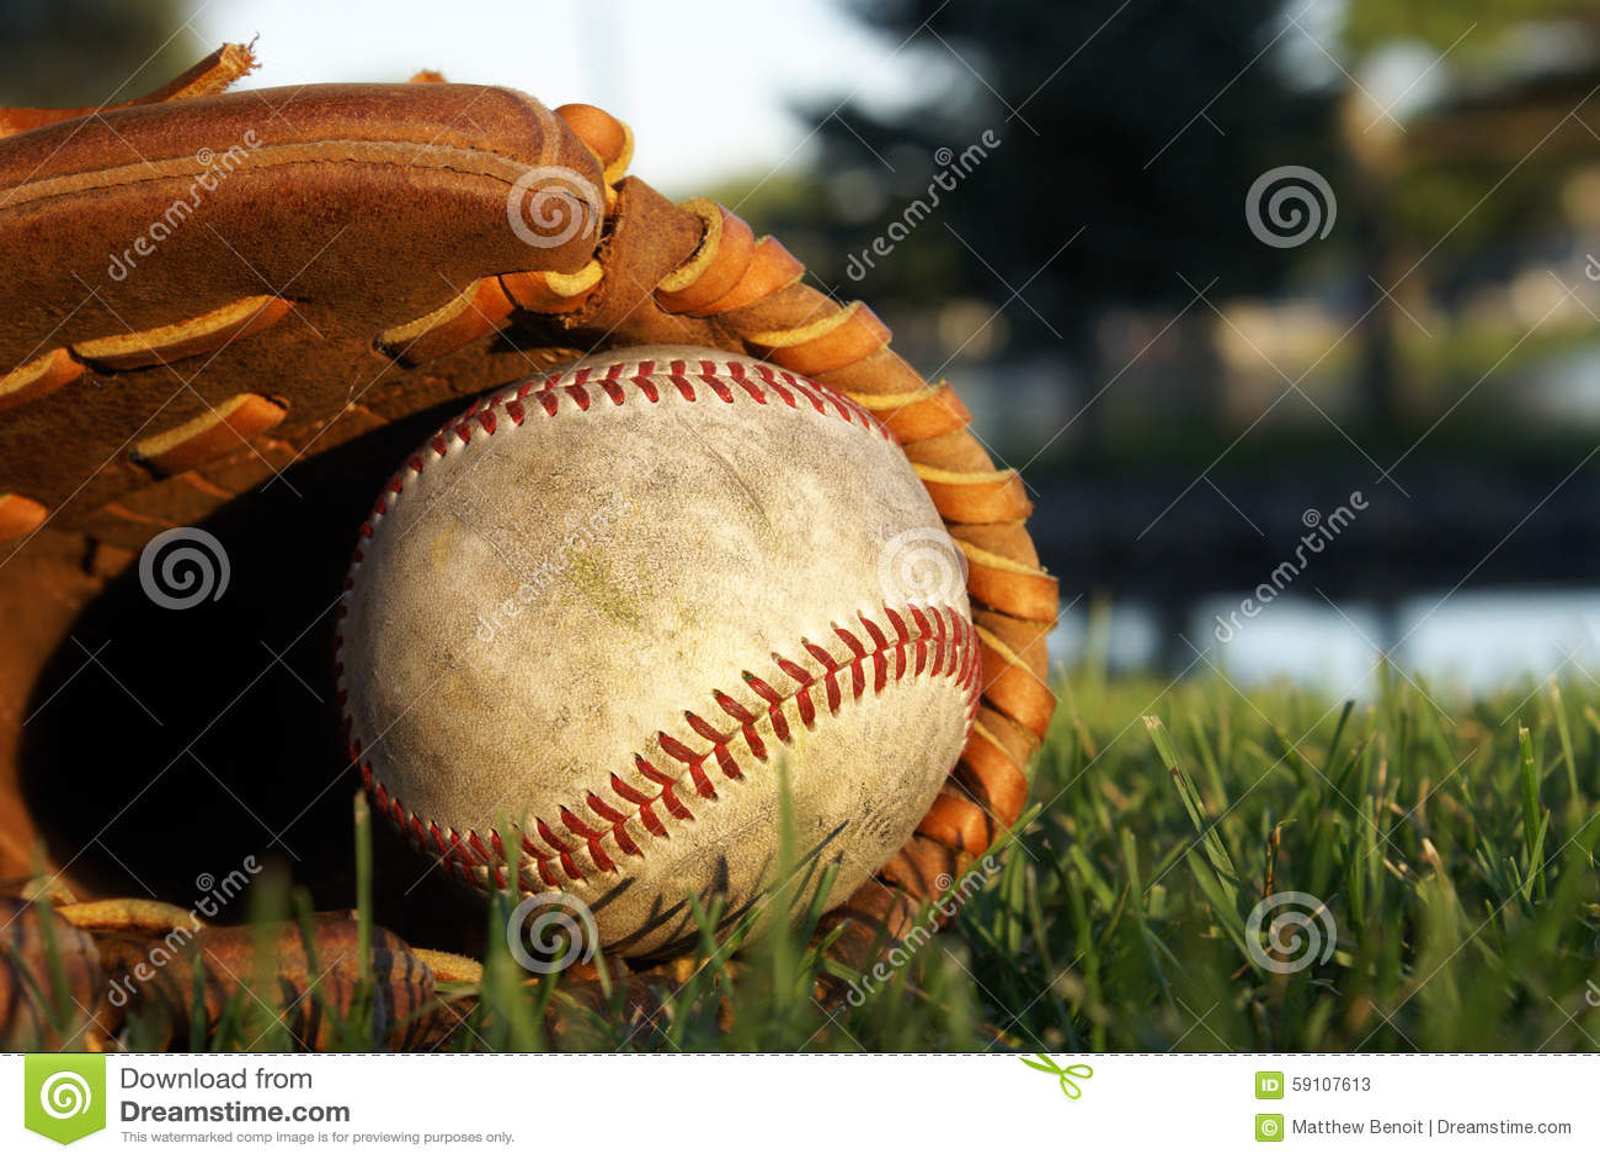 放置在草的棒球手套